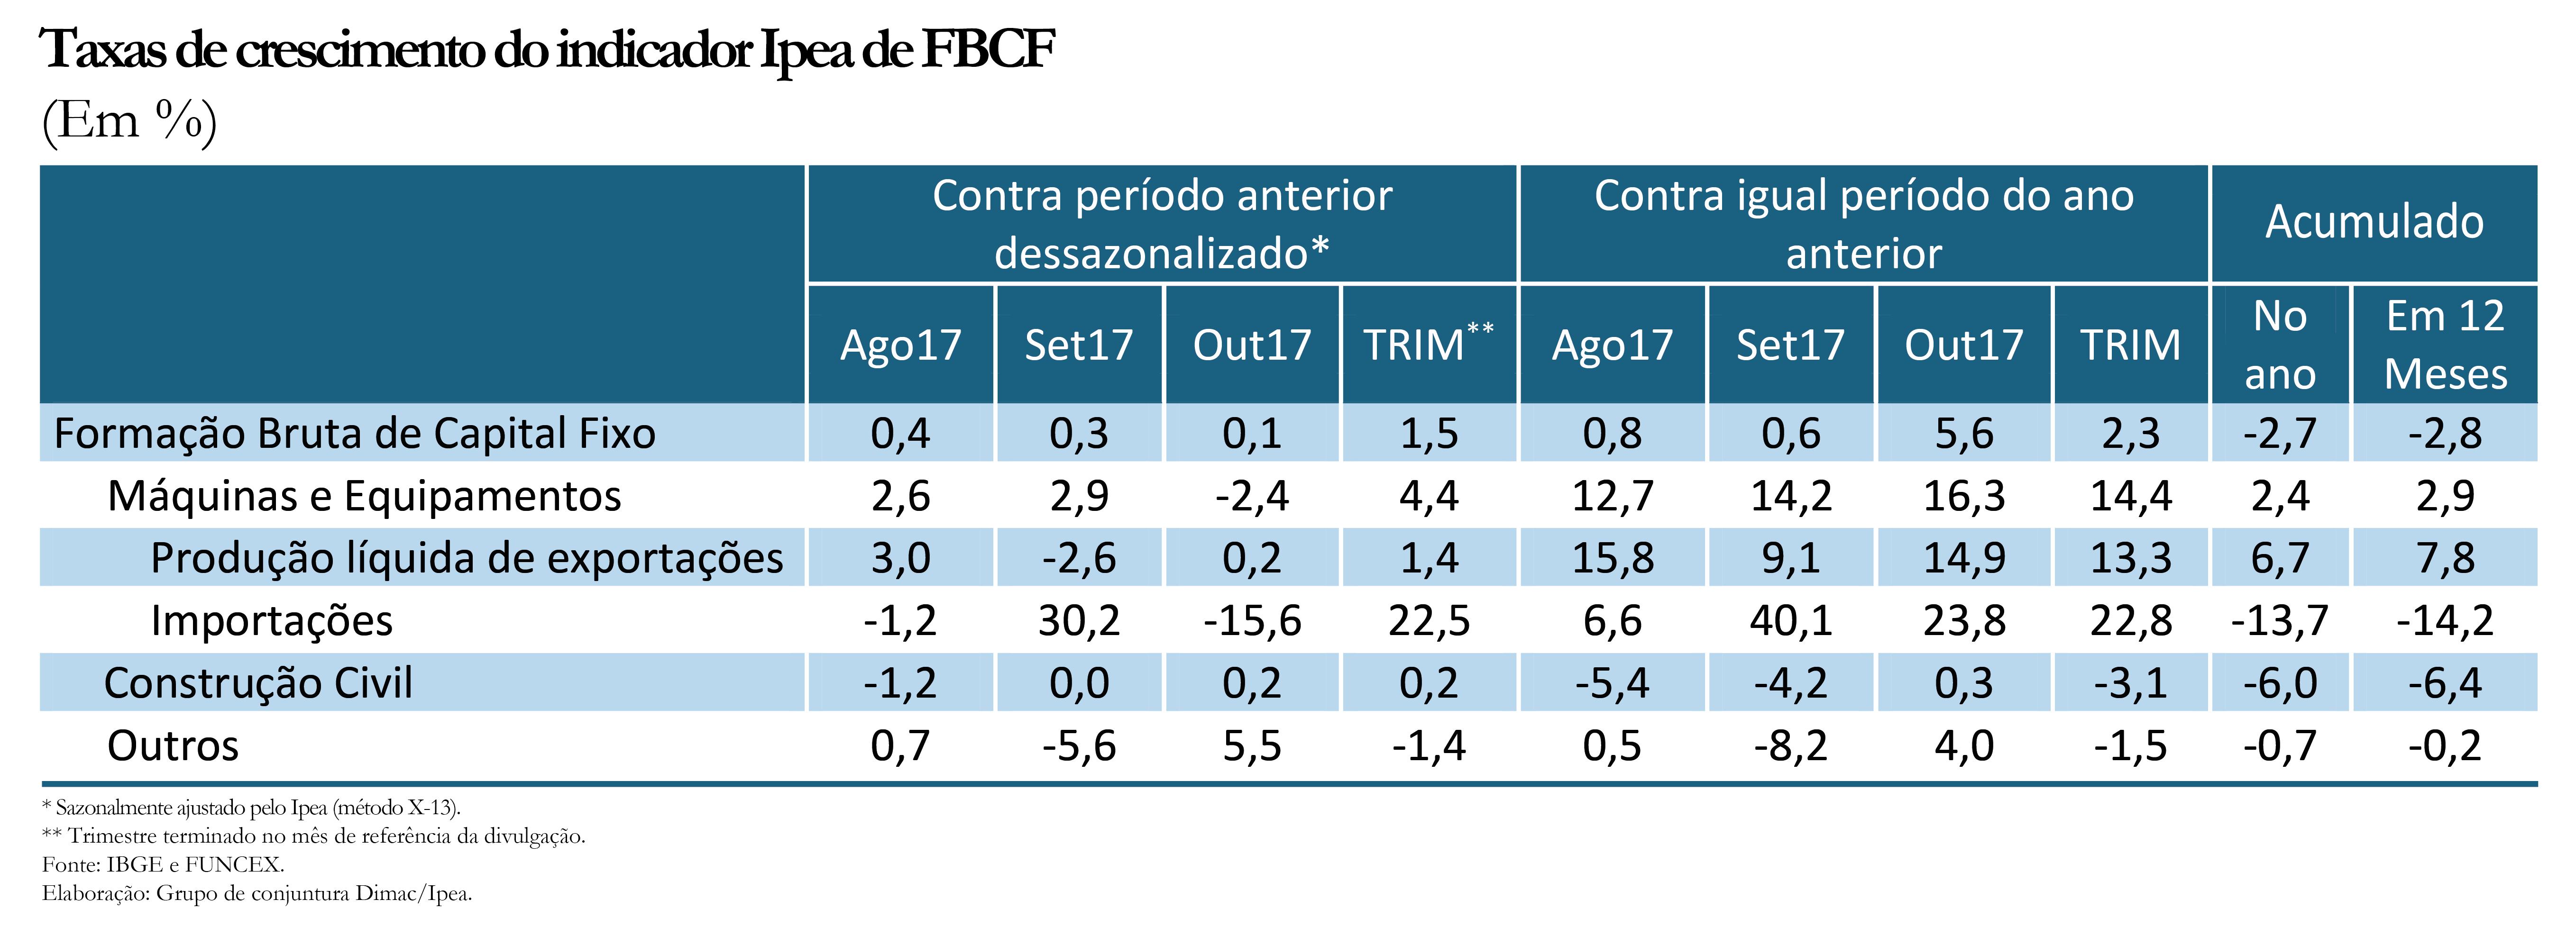 Tabela indicador Ipea FBCF out17